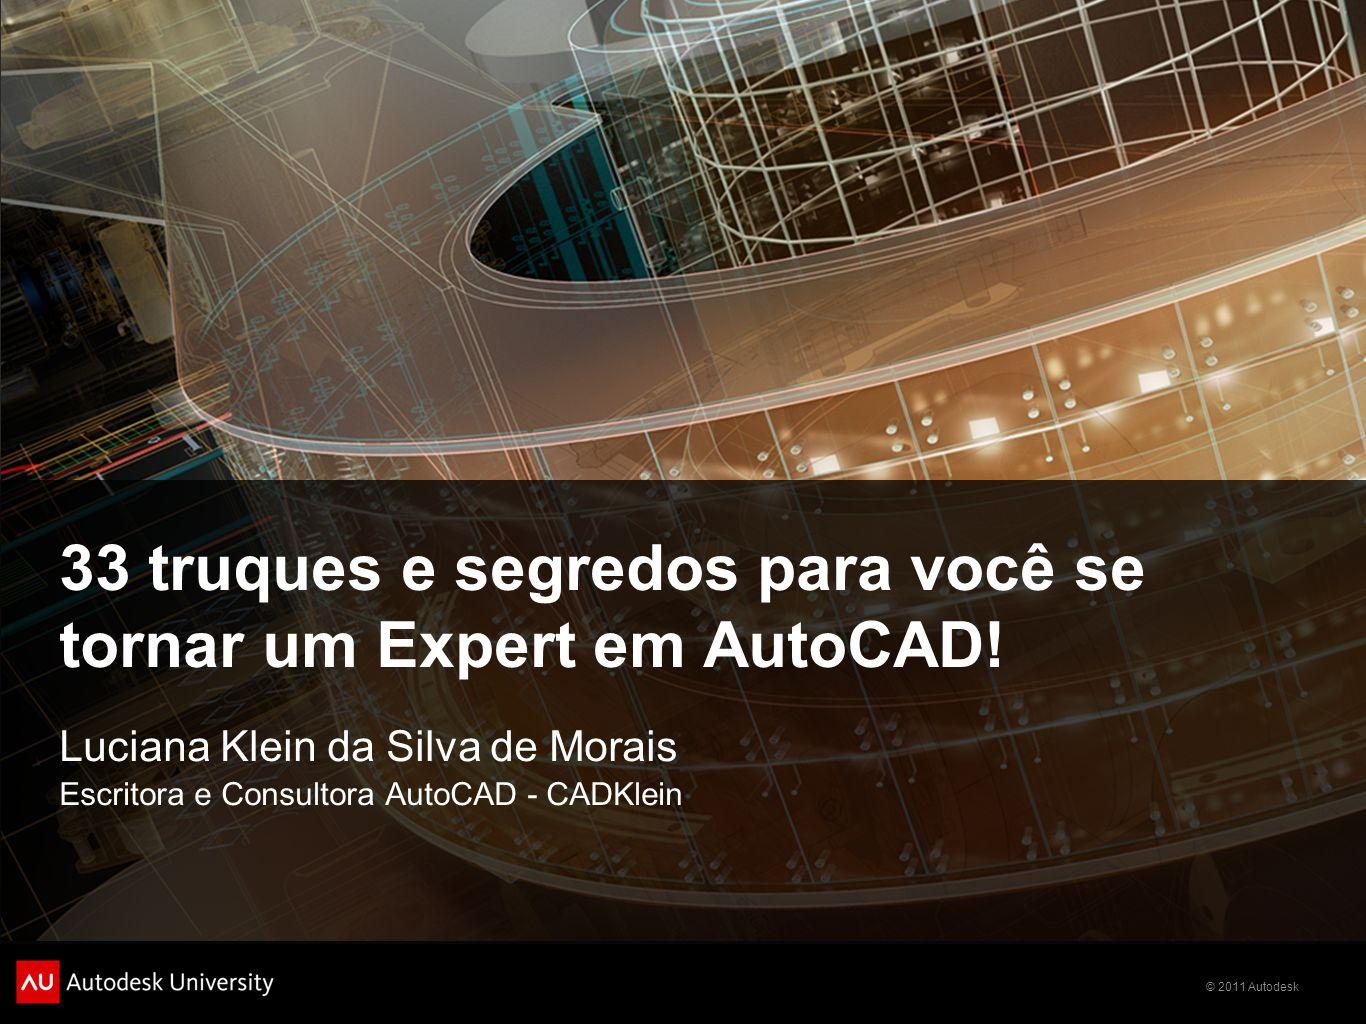 © 2011 Autodesk 33 truques e segredos para você se tornar um Expert em AutoCAD! Luciana Klein da Silva de Morais Escritora e Consultora AutoCAD - CADK